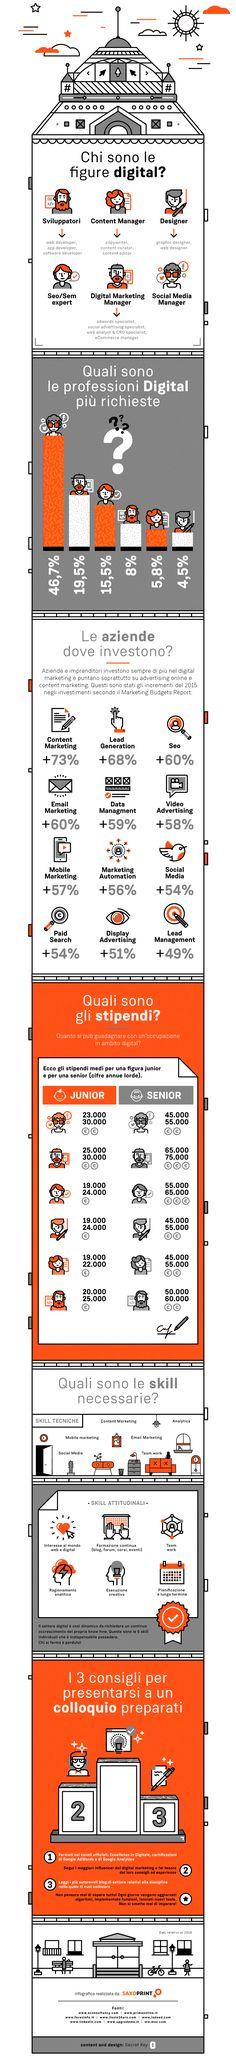 infografica SAXOPRINT le figure professionali più ricercate da agenzie ed aziende digitali